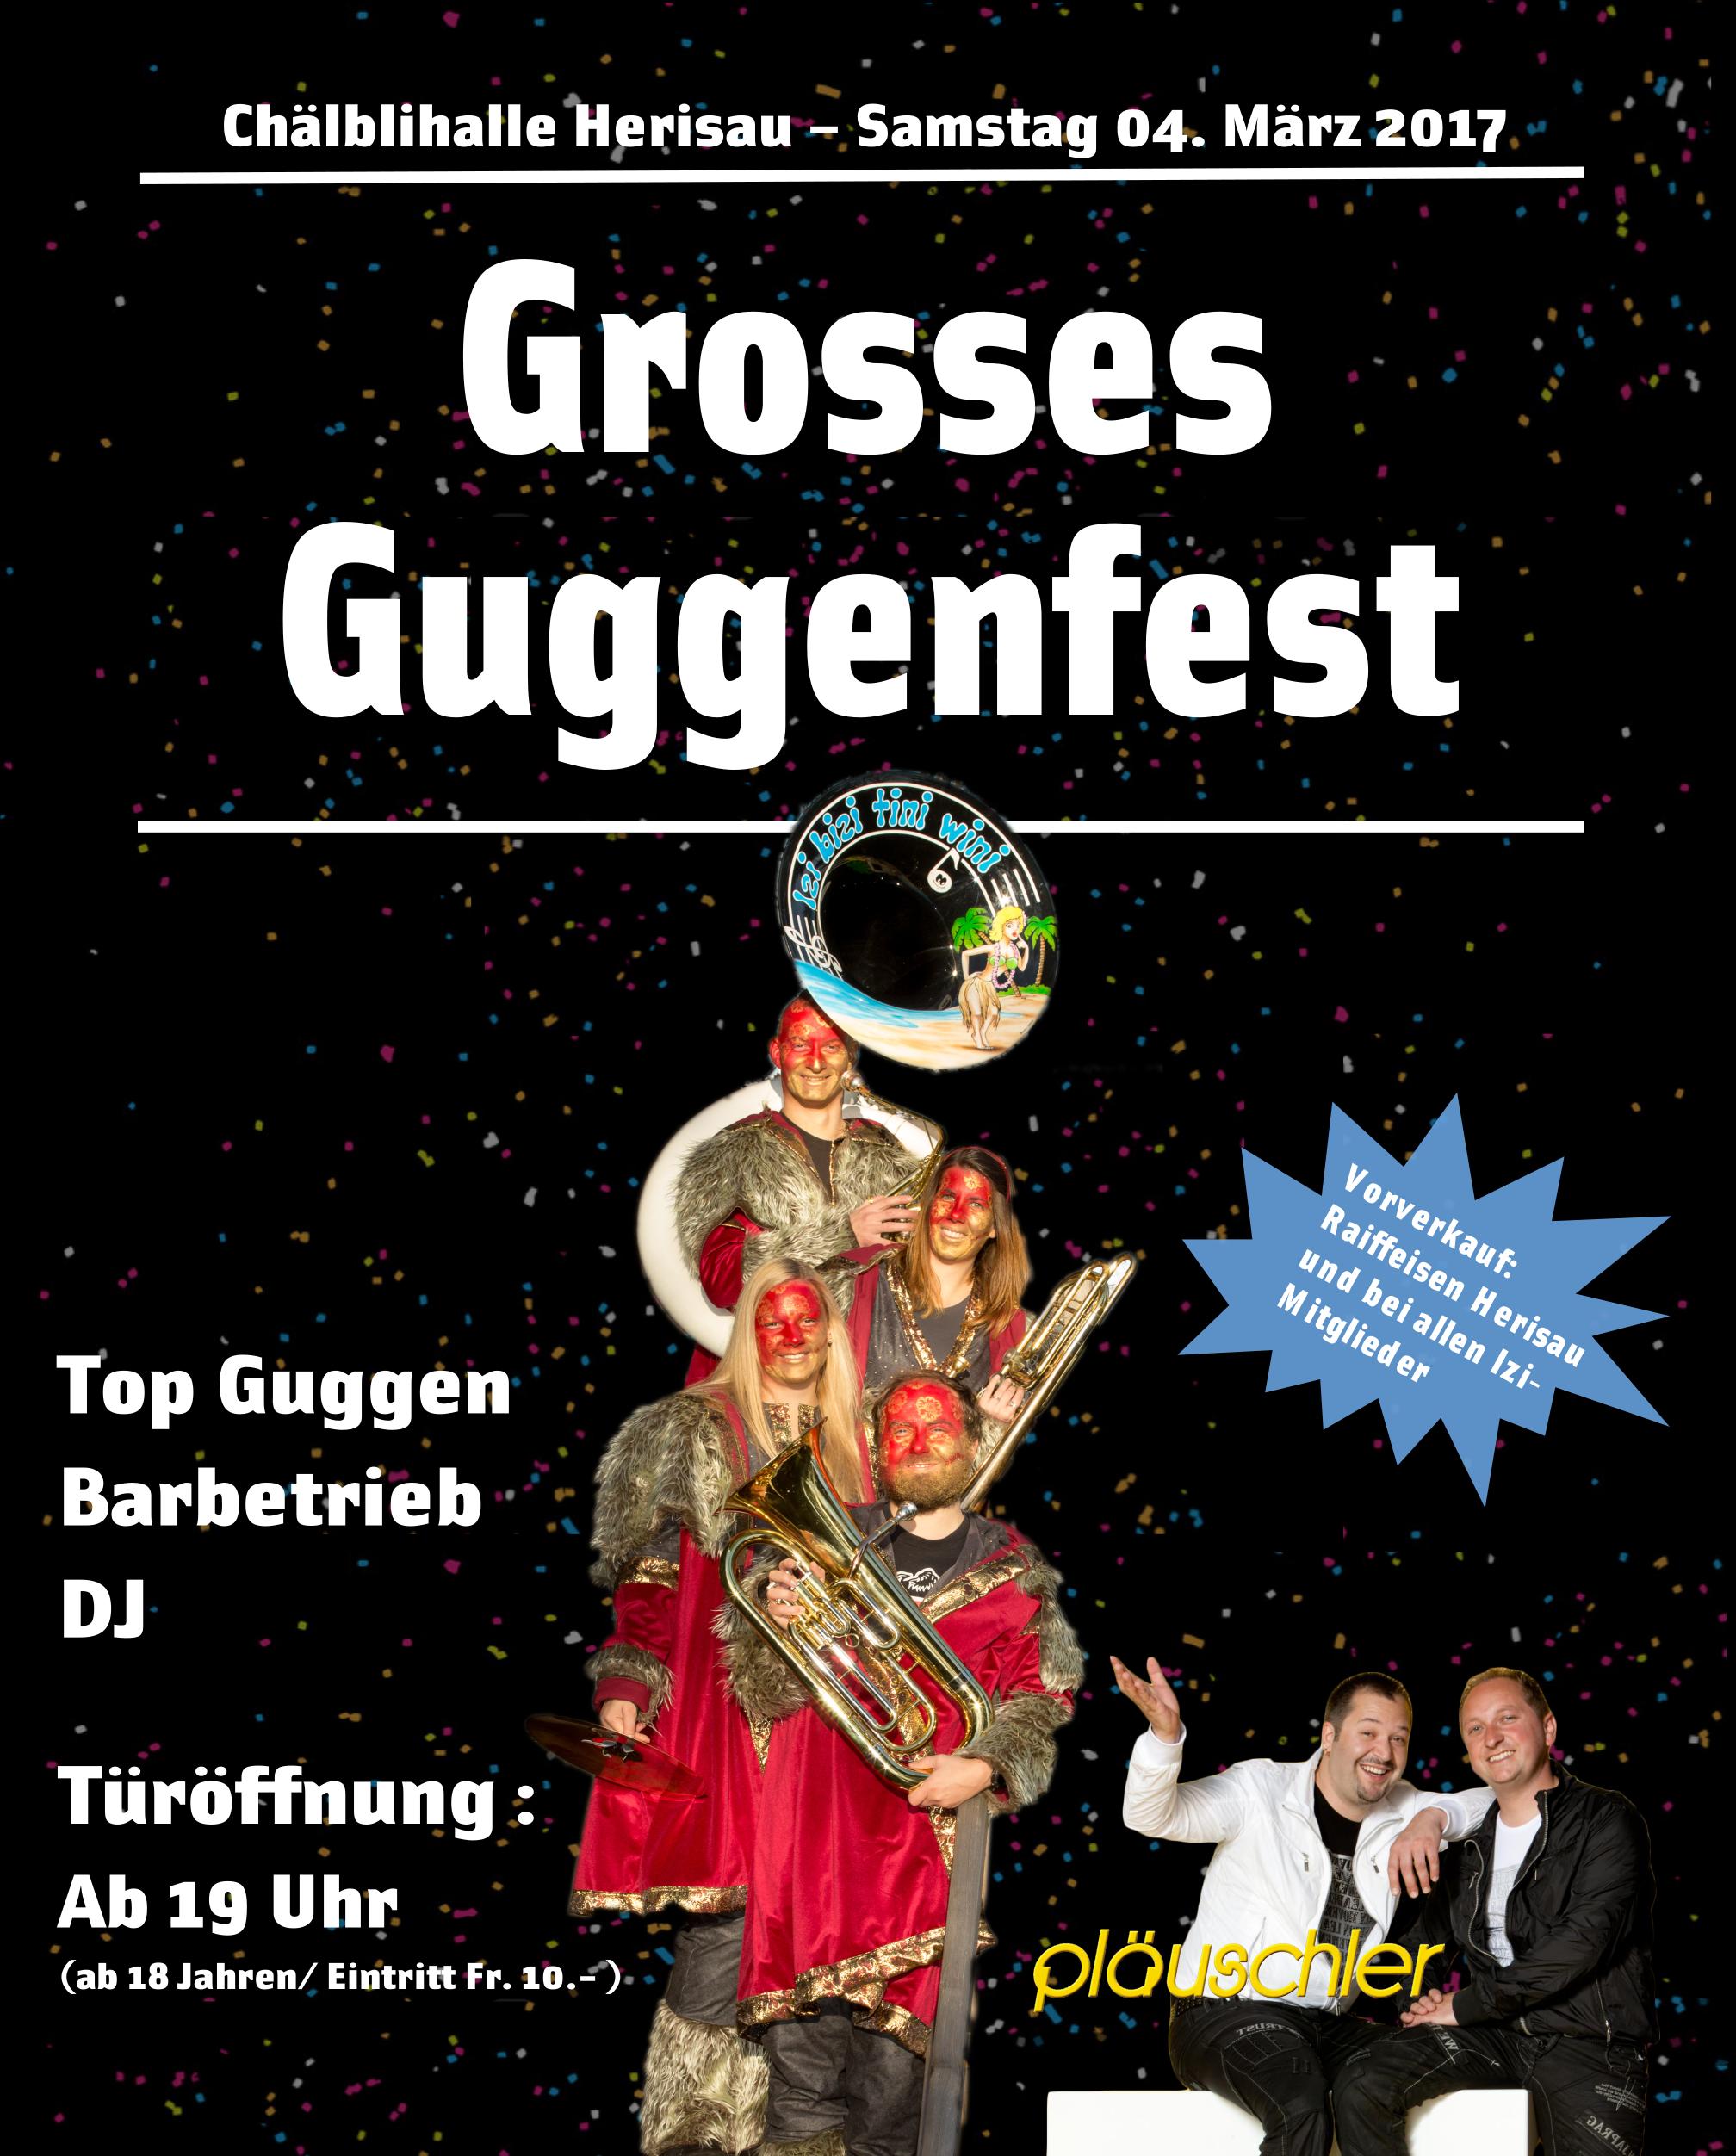 Grosses Guggefest